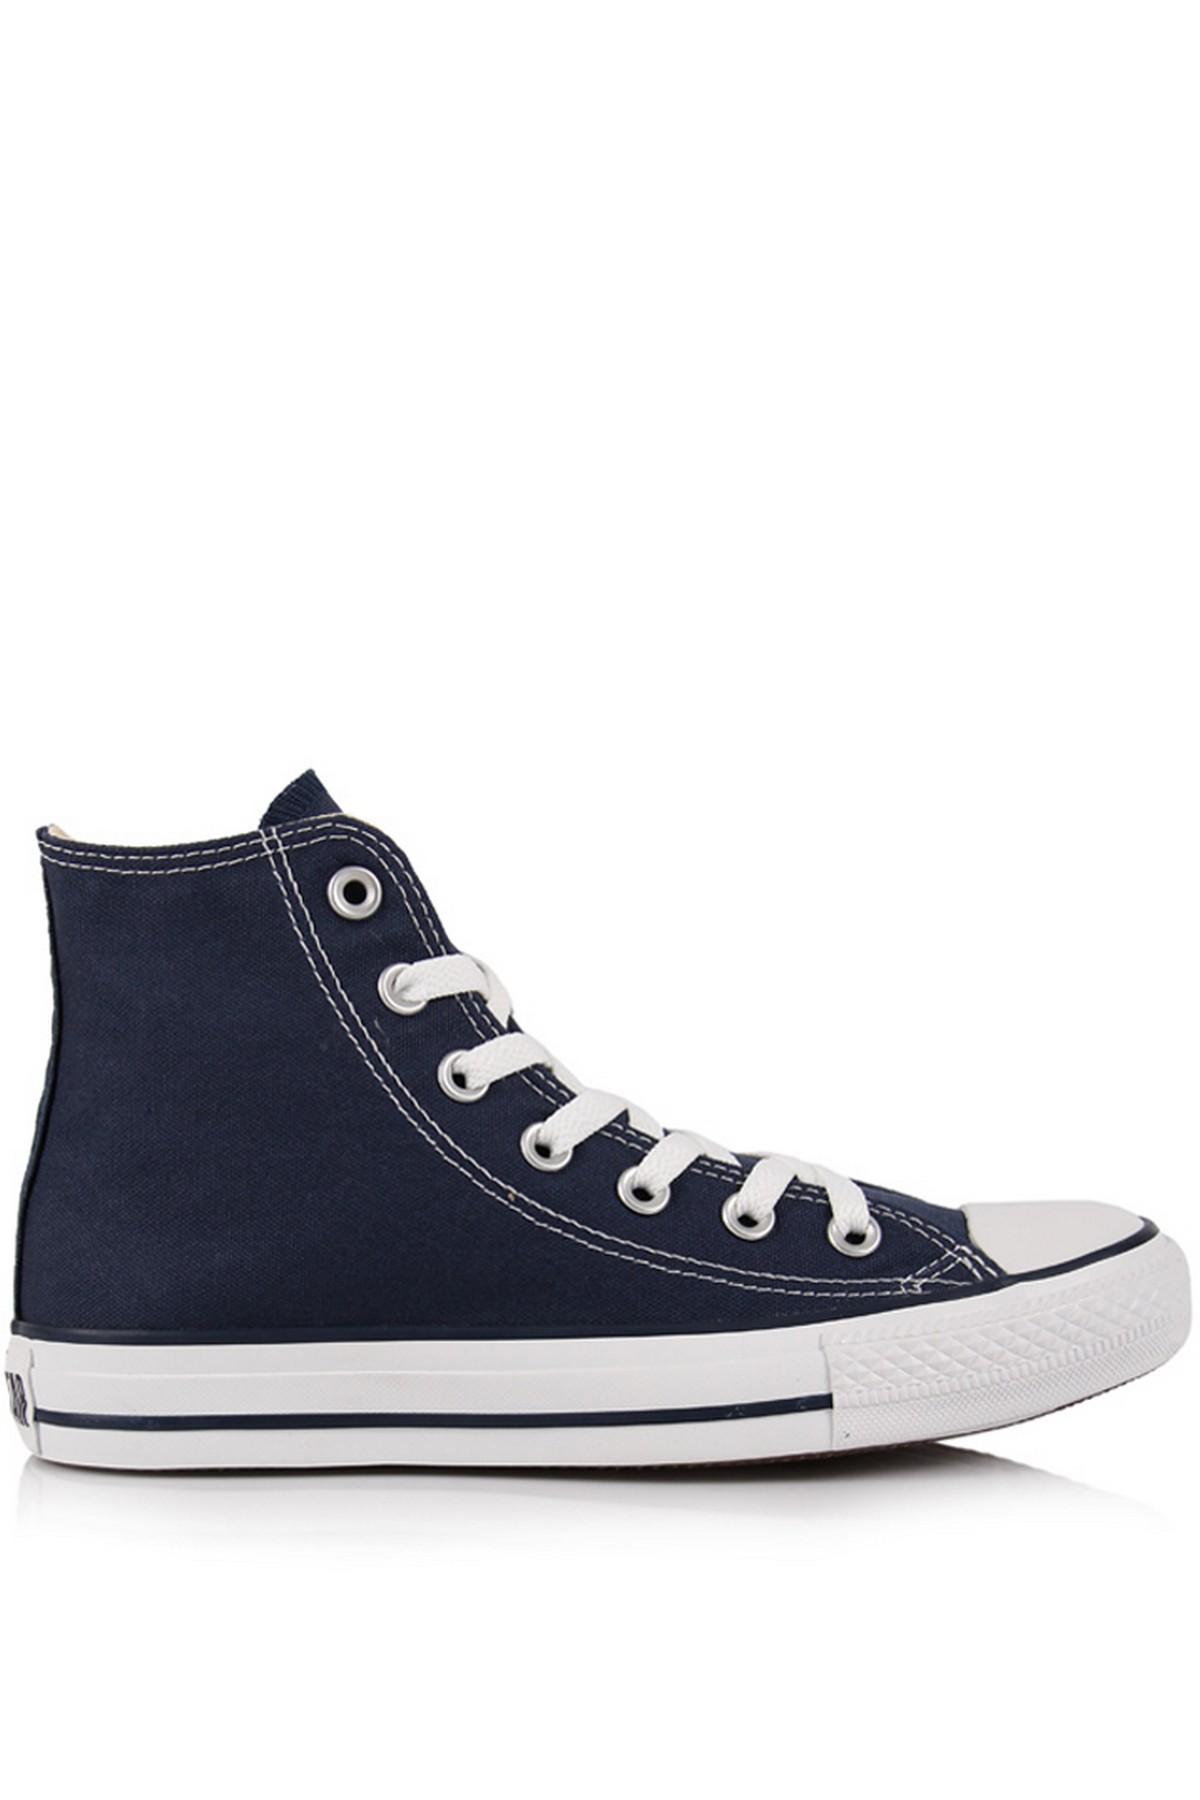 Converse M9622